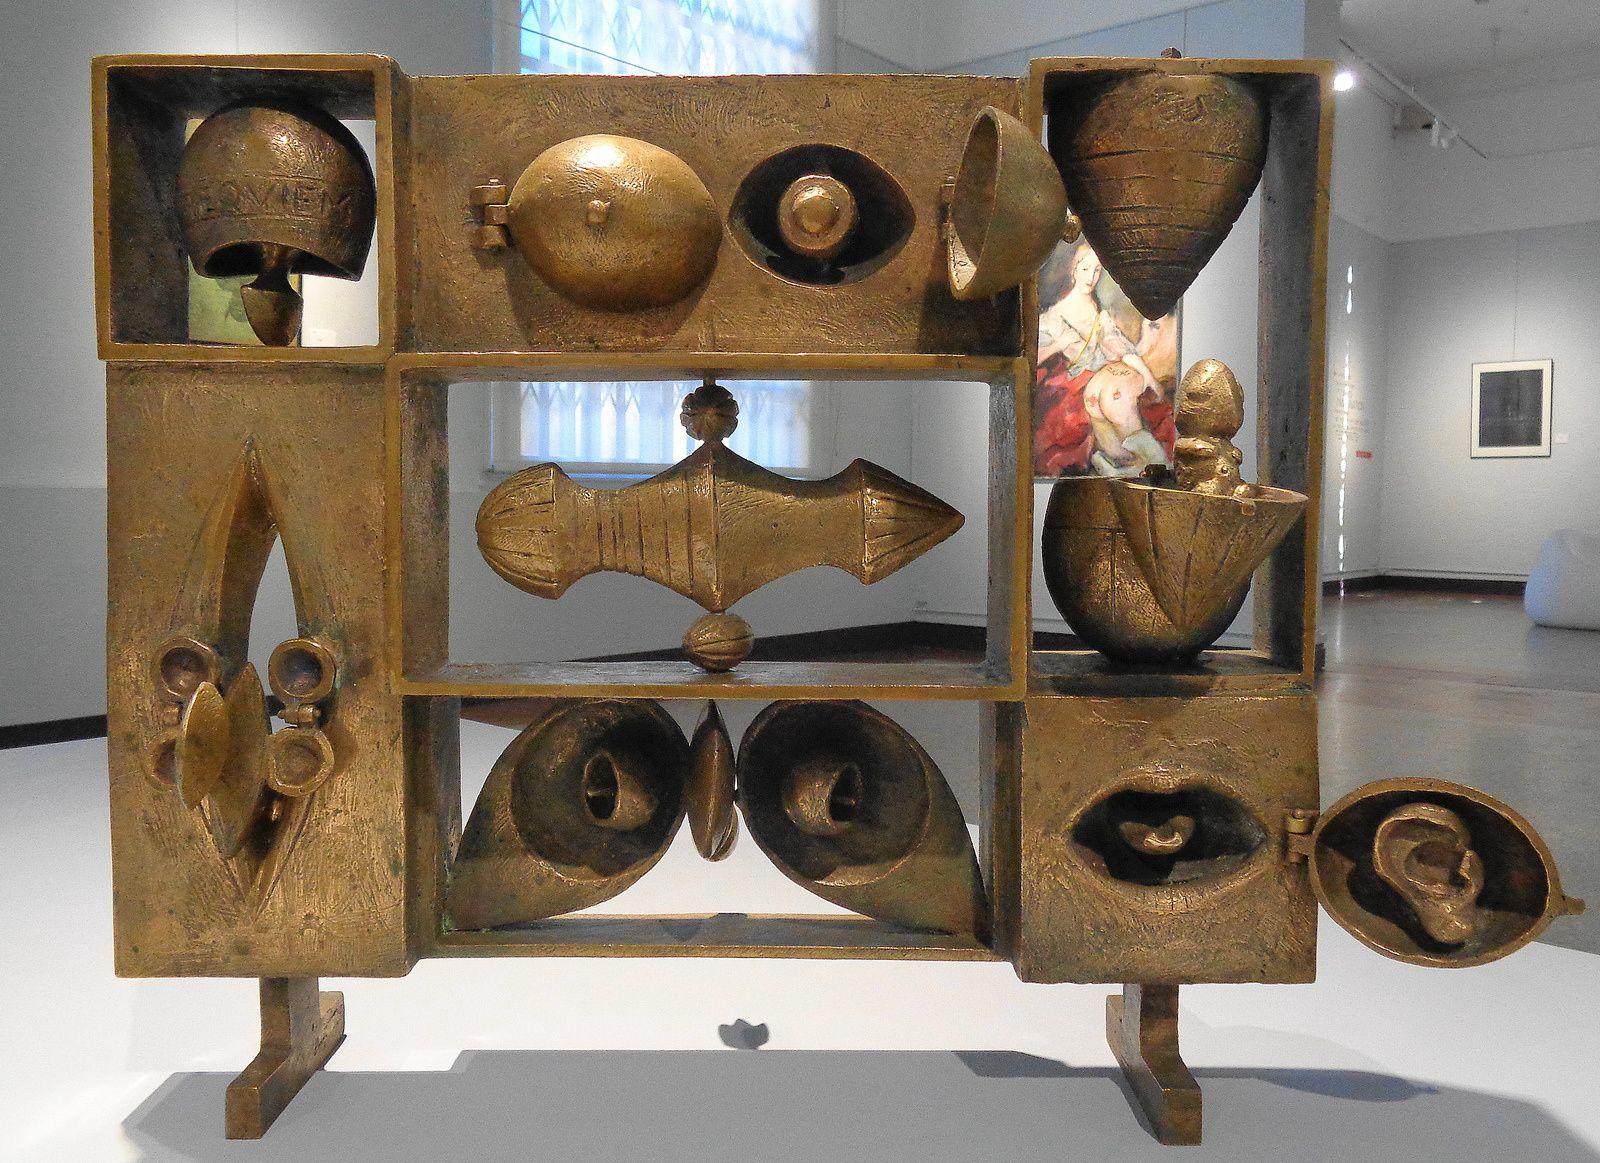 Sculpture constructiviste - Joaquin Roca Rey, 1971